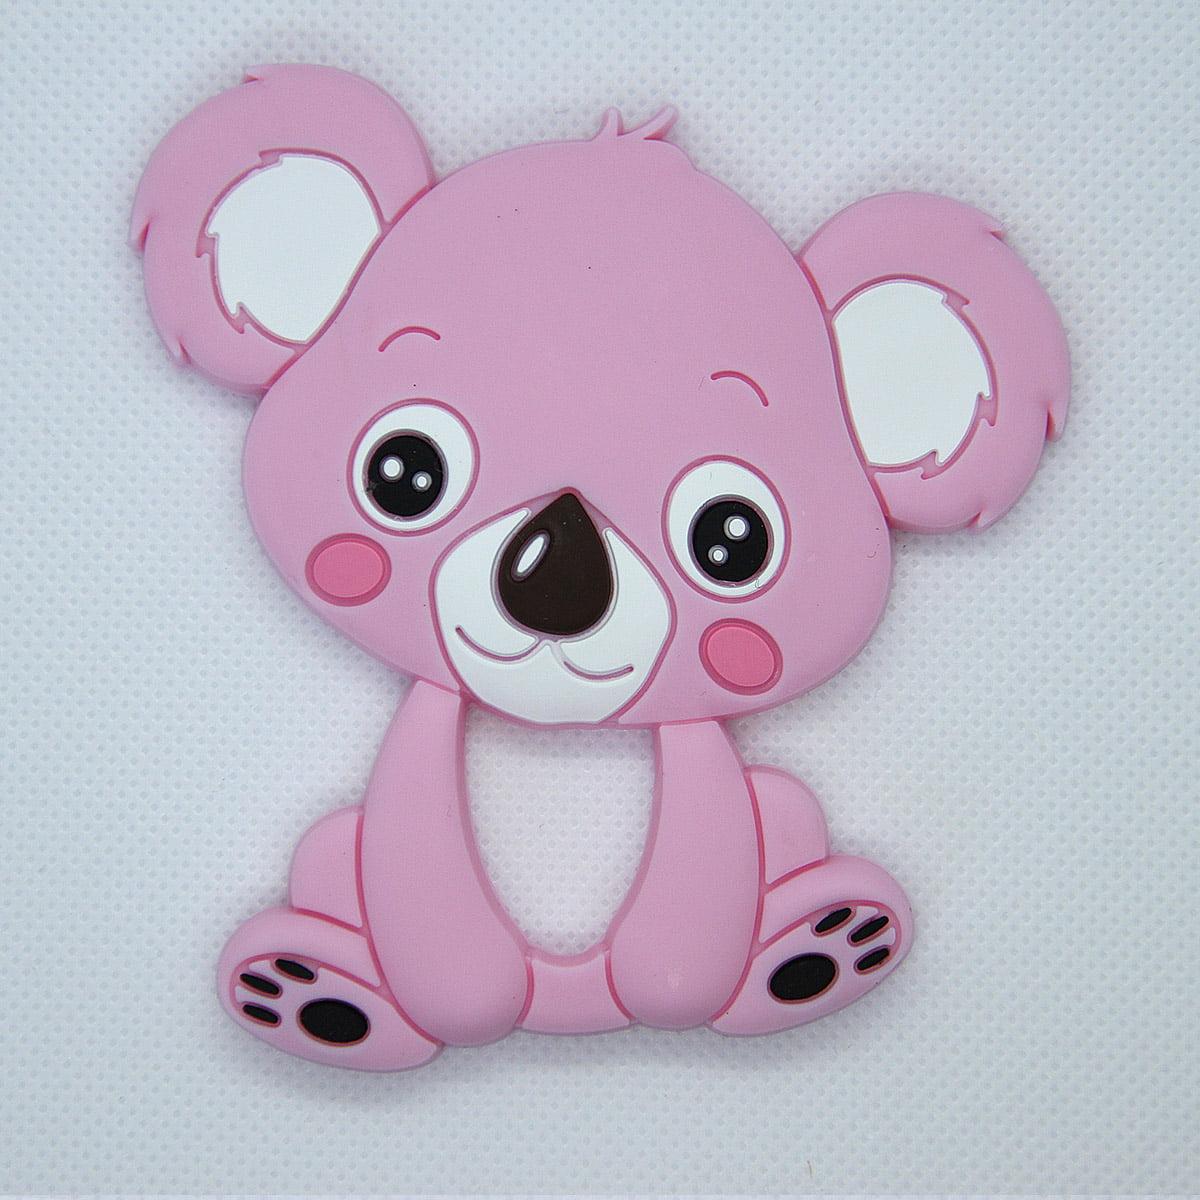 Mordedor de silicona Koala color rosa